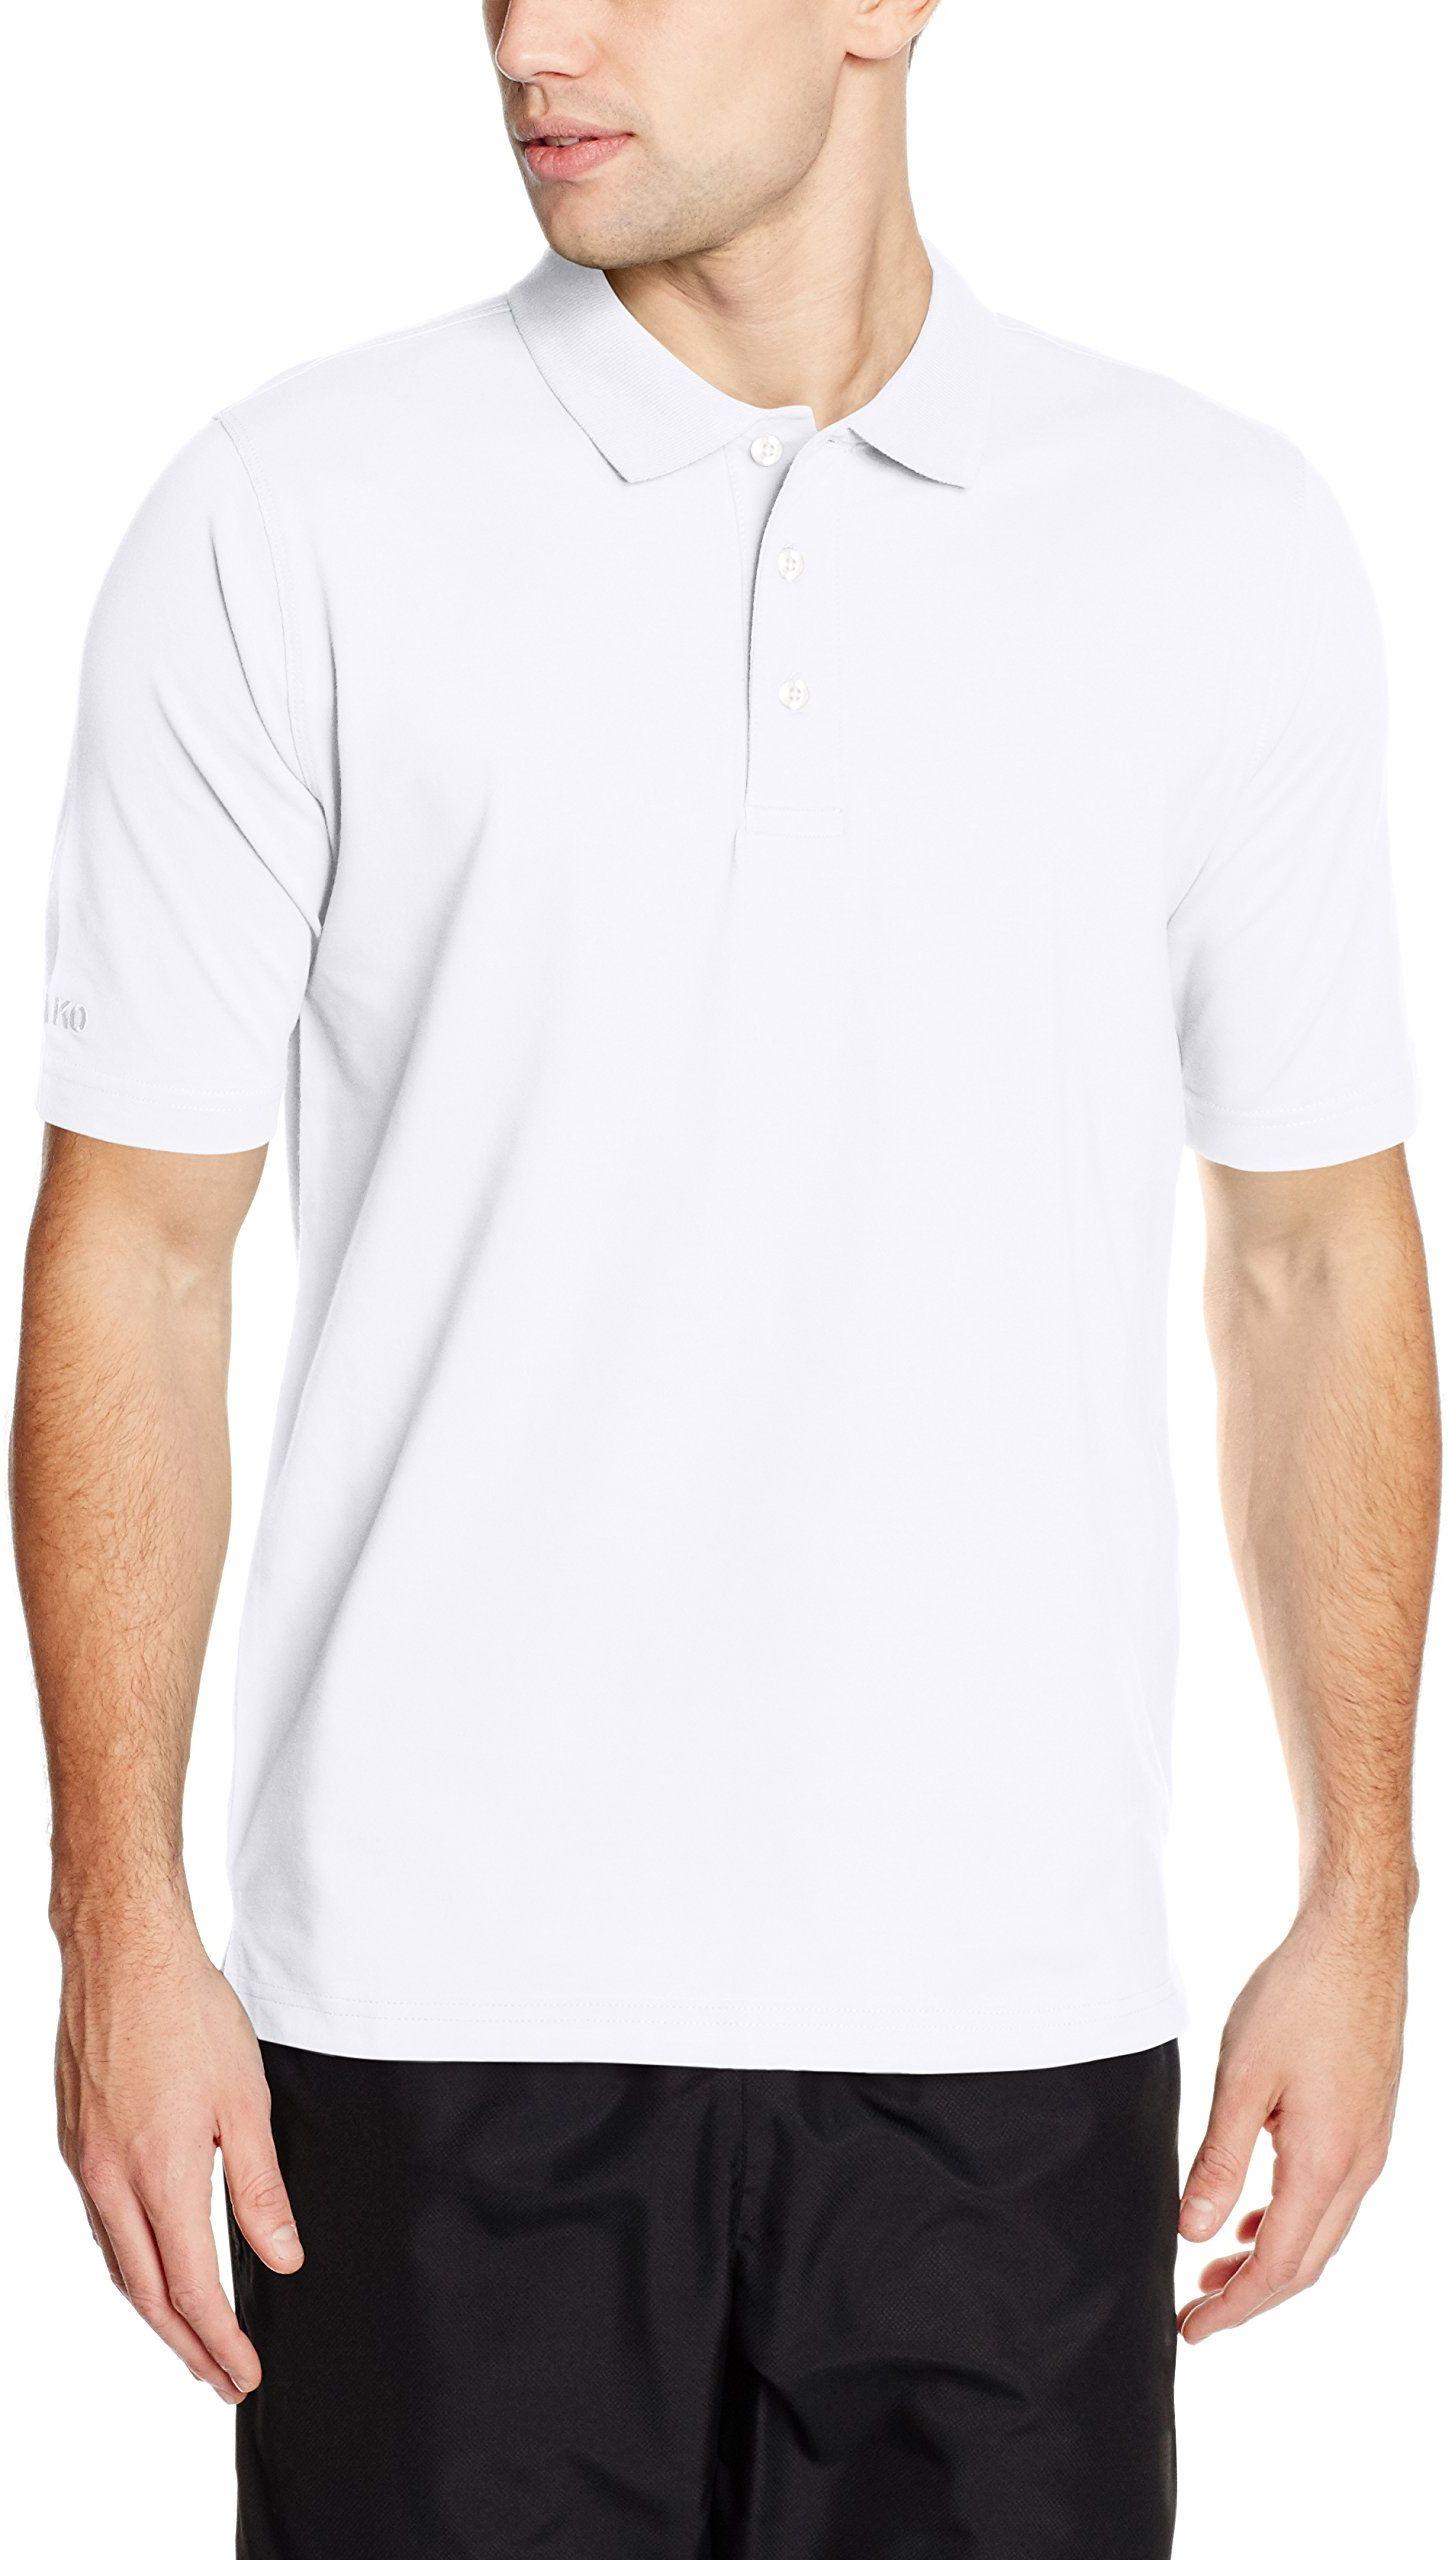 JAKO Męska koszulka polo Classic, biała, S